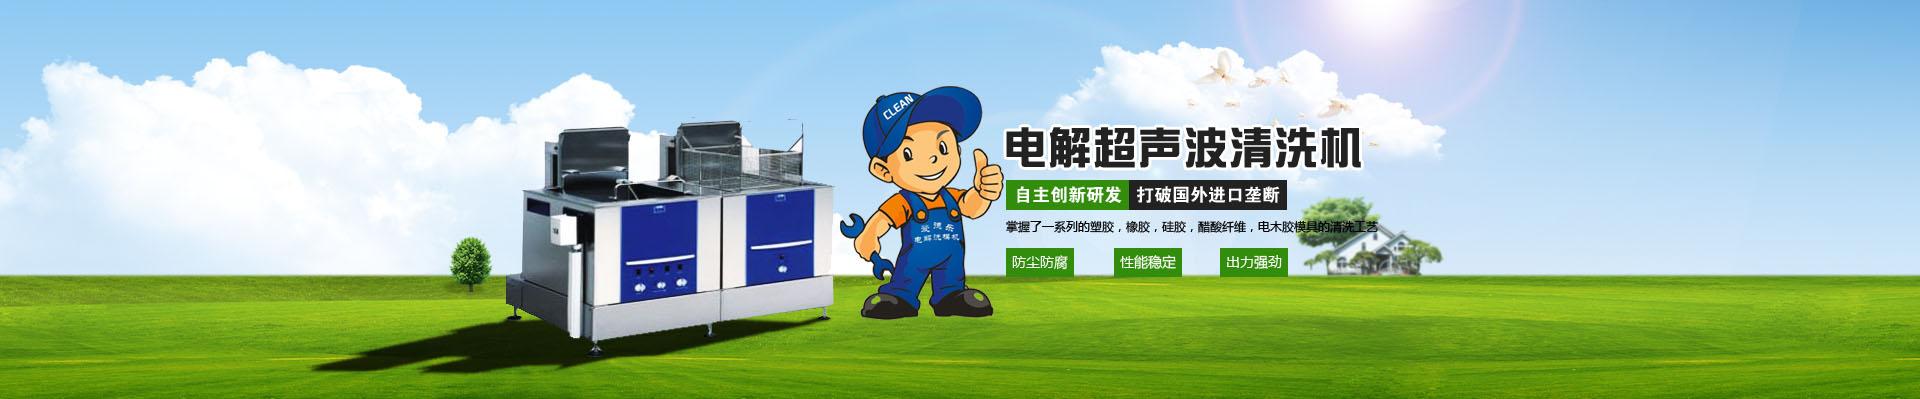 全球热泵领队品牌